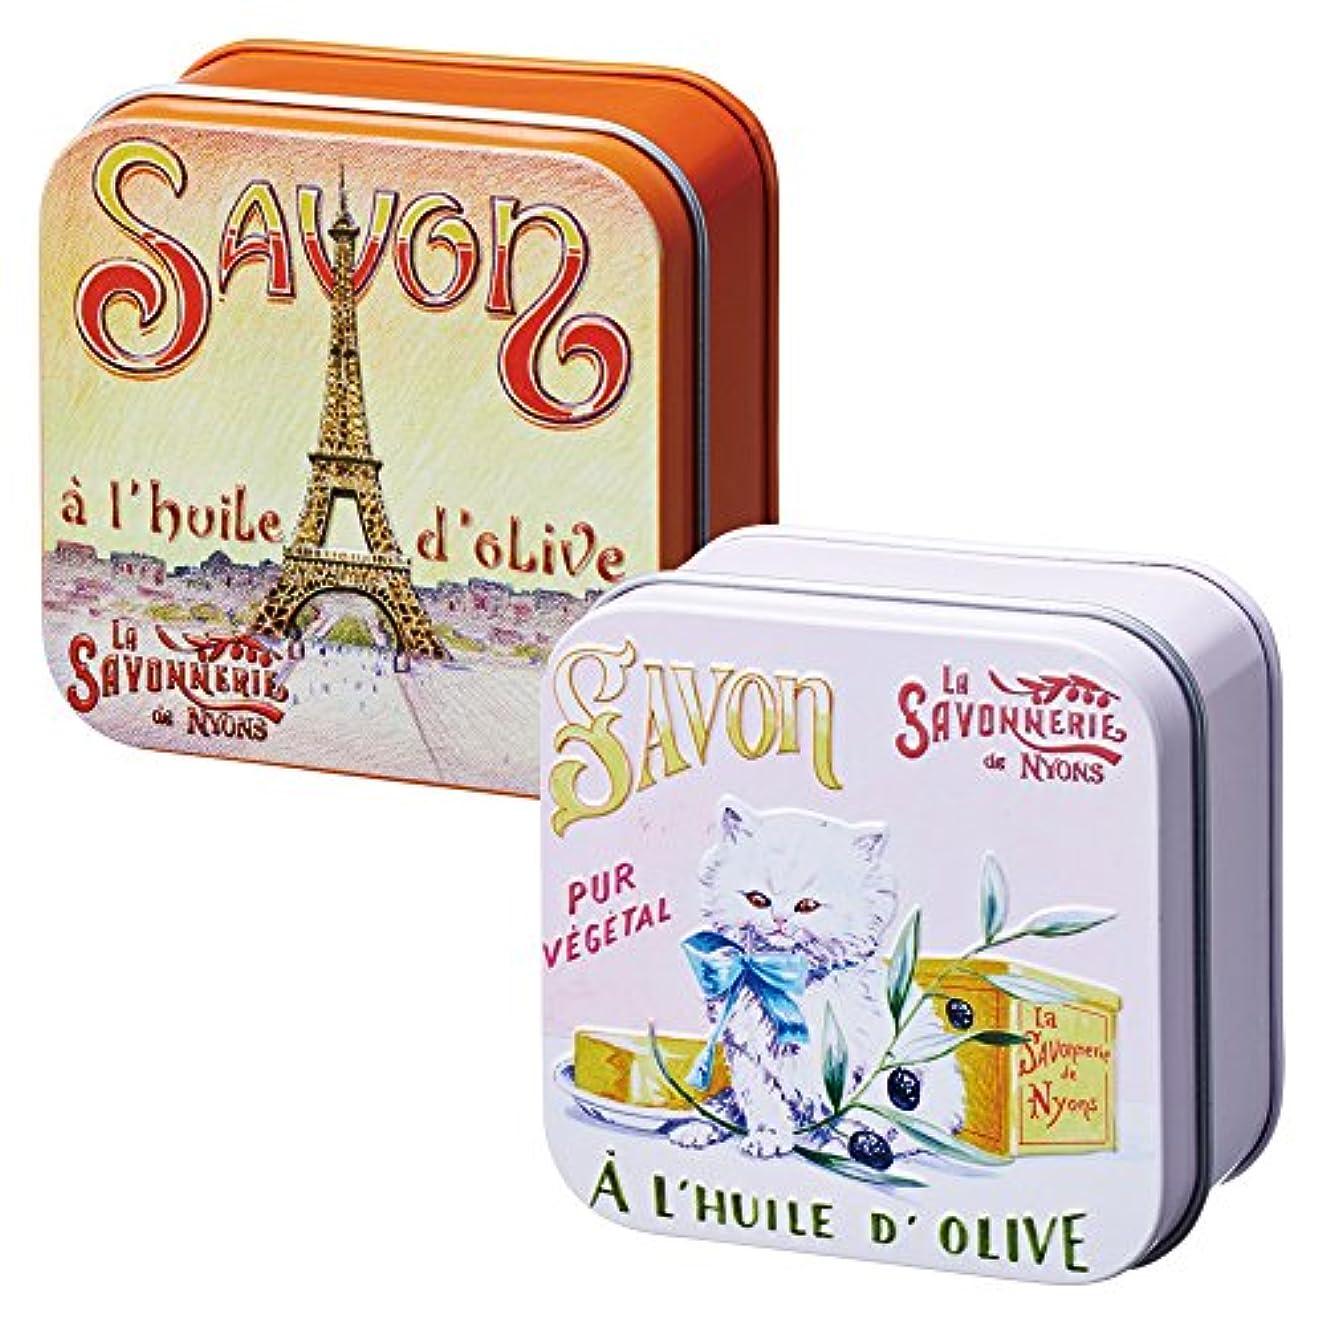 小麦フォーラムベースフランスお土産 ラ?サボネリー アンティーク缶入り石けん 2種セット(子猫&エッフェル塔)